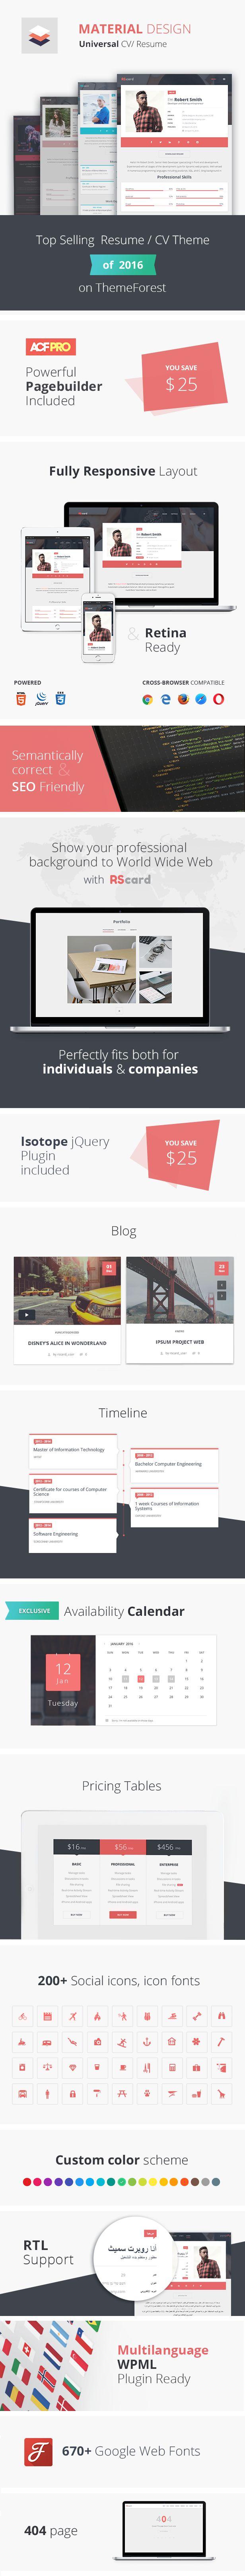 39 besten Free Resume Templates Bilder auf Pinterest | Grafiken ...